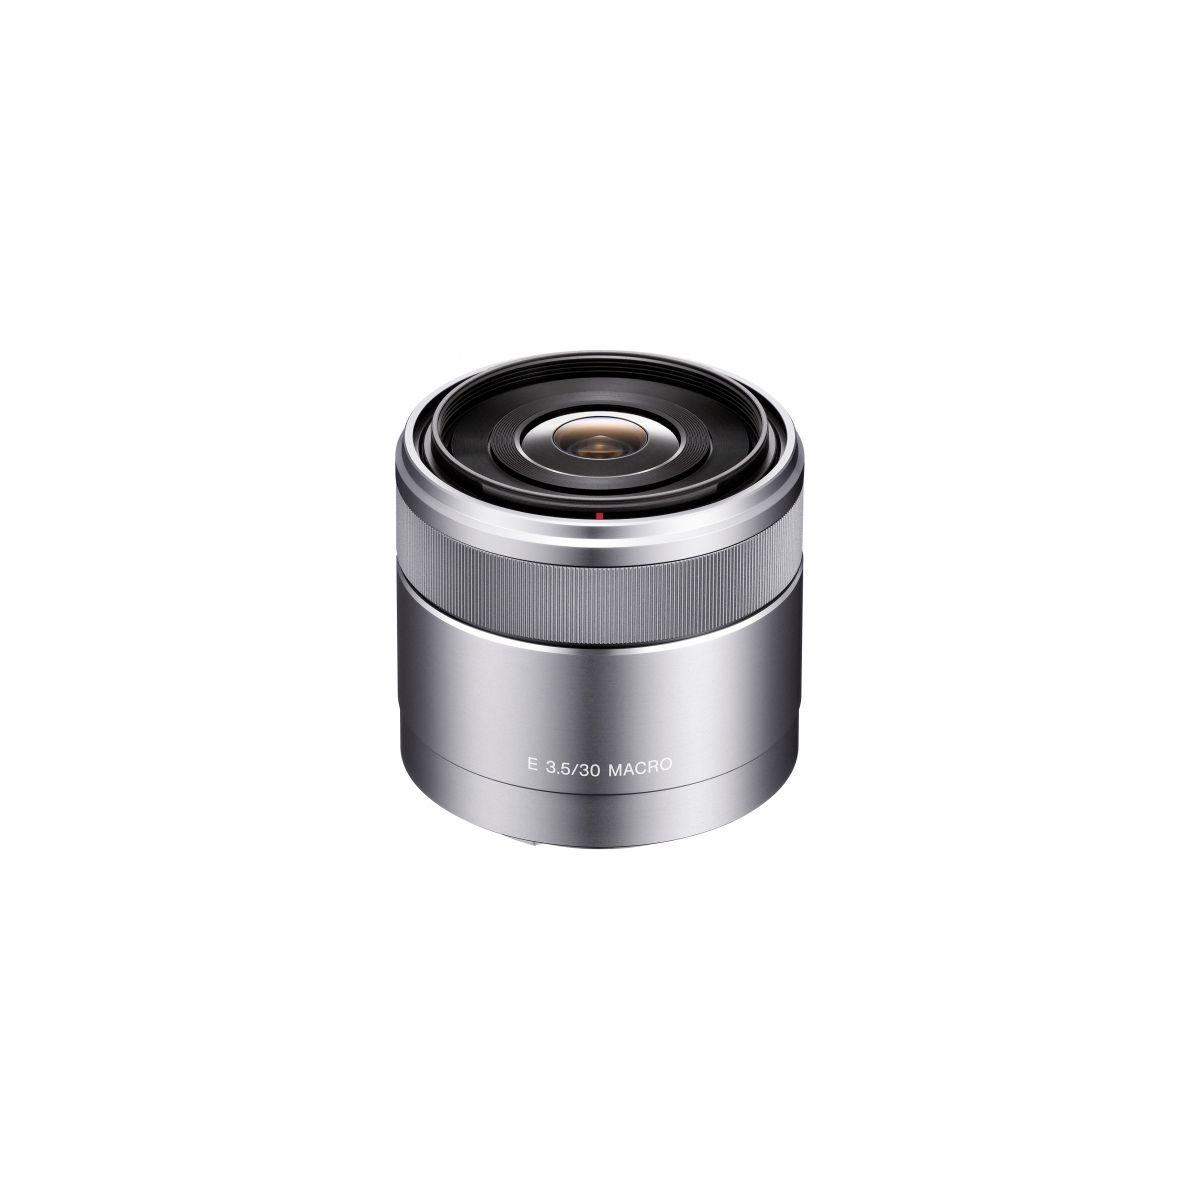 Objectif SONY SEL 30mm Macro f/3,5 (pour appareil Hybride SONY)